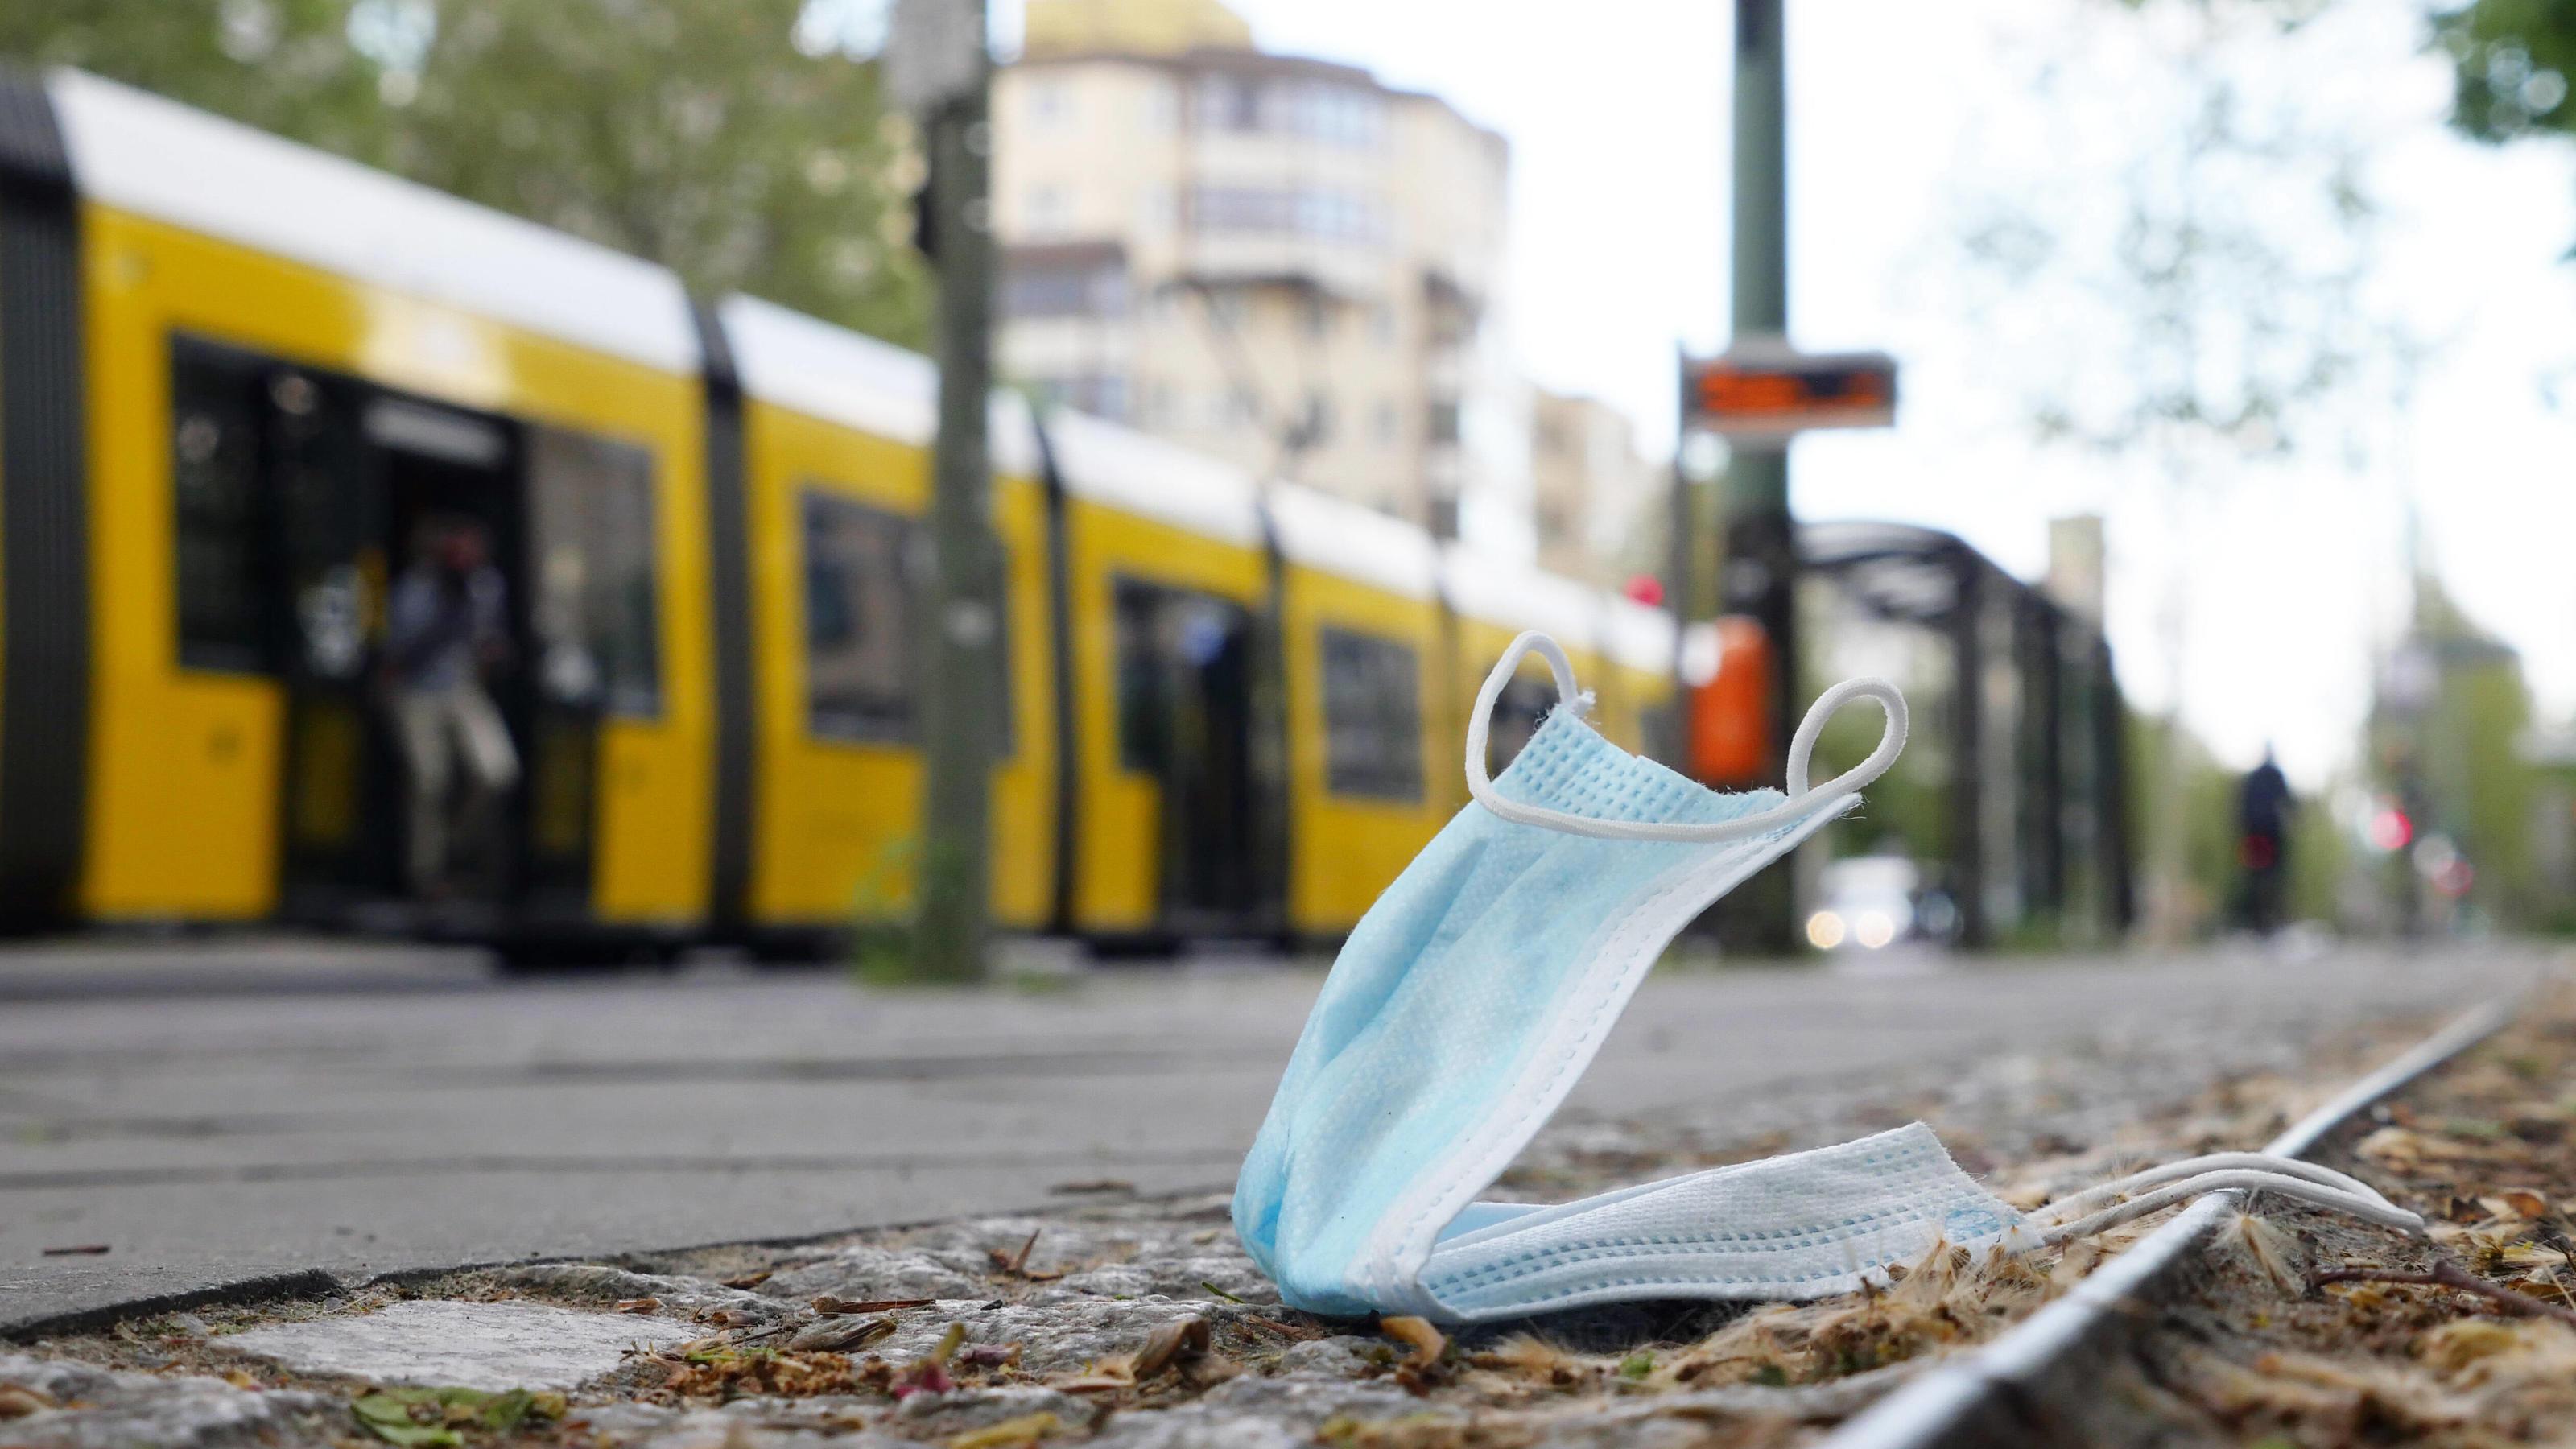 Interaktive Corona-Karte für Deutschland: Wie hoch ist die 7-Tage-Inzidenz in Ihrer Region? - RTL Online